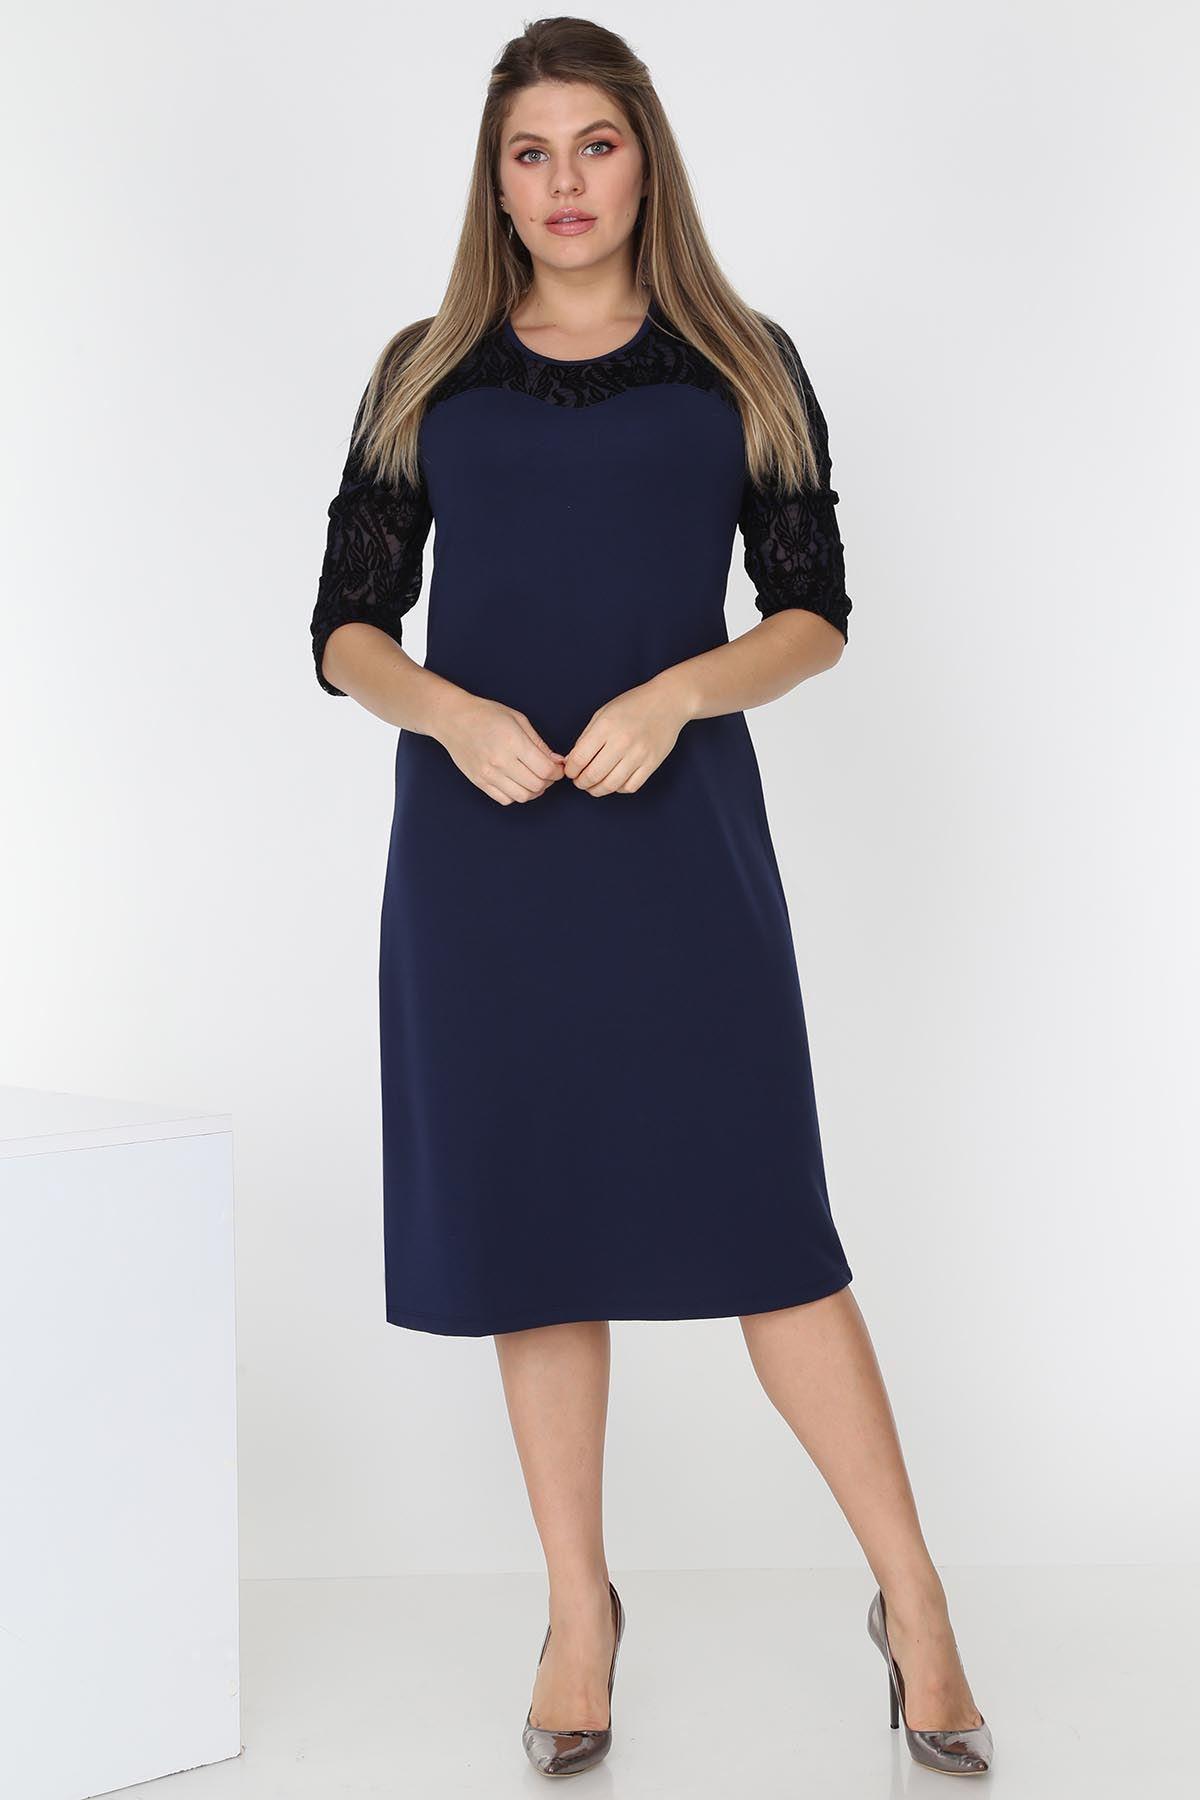 Lacivert Flok Baskılı Elbise 18D-0535